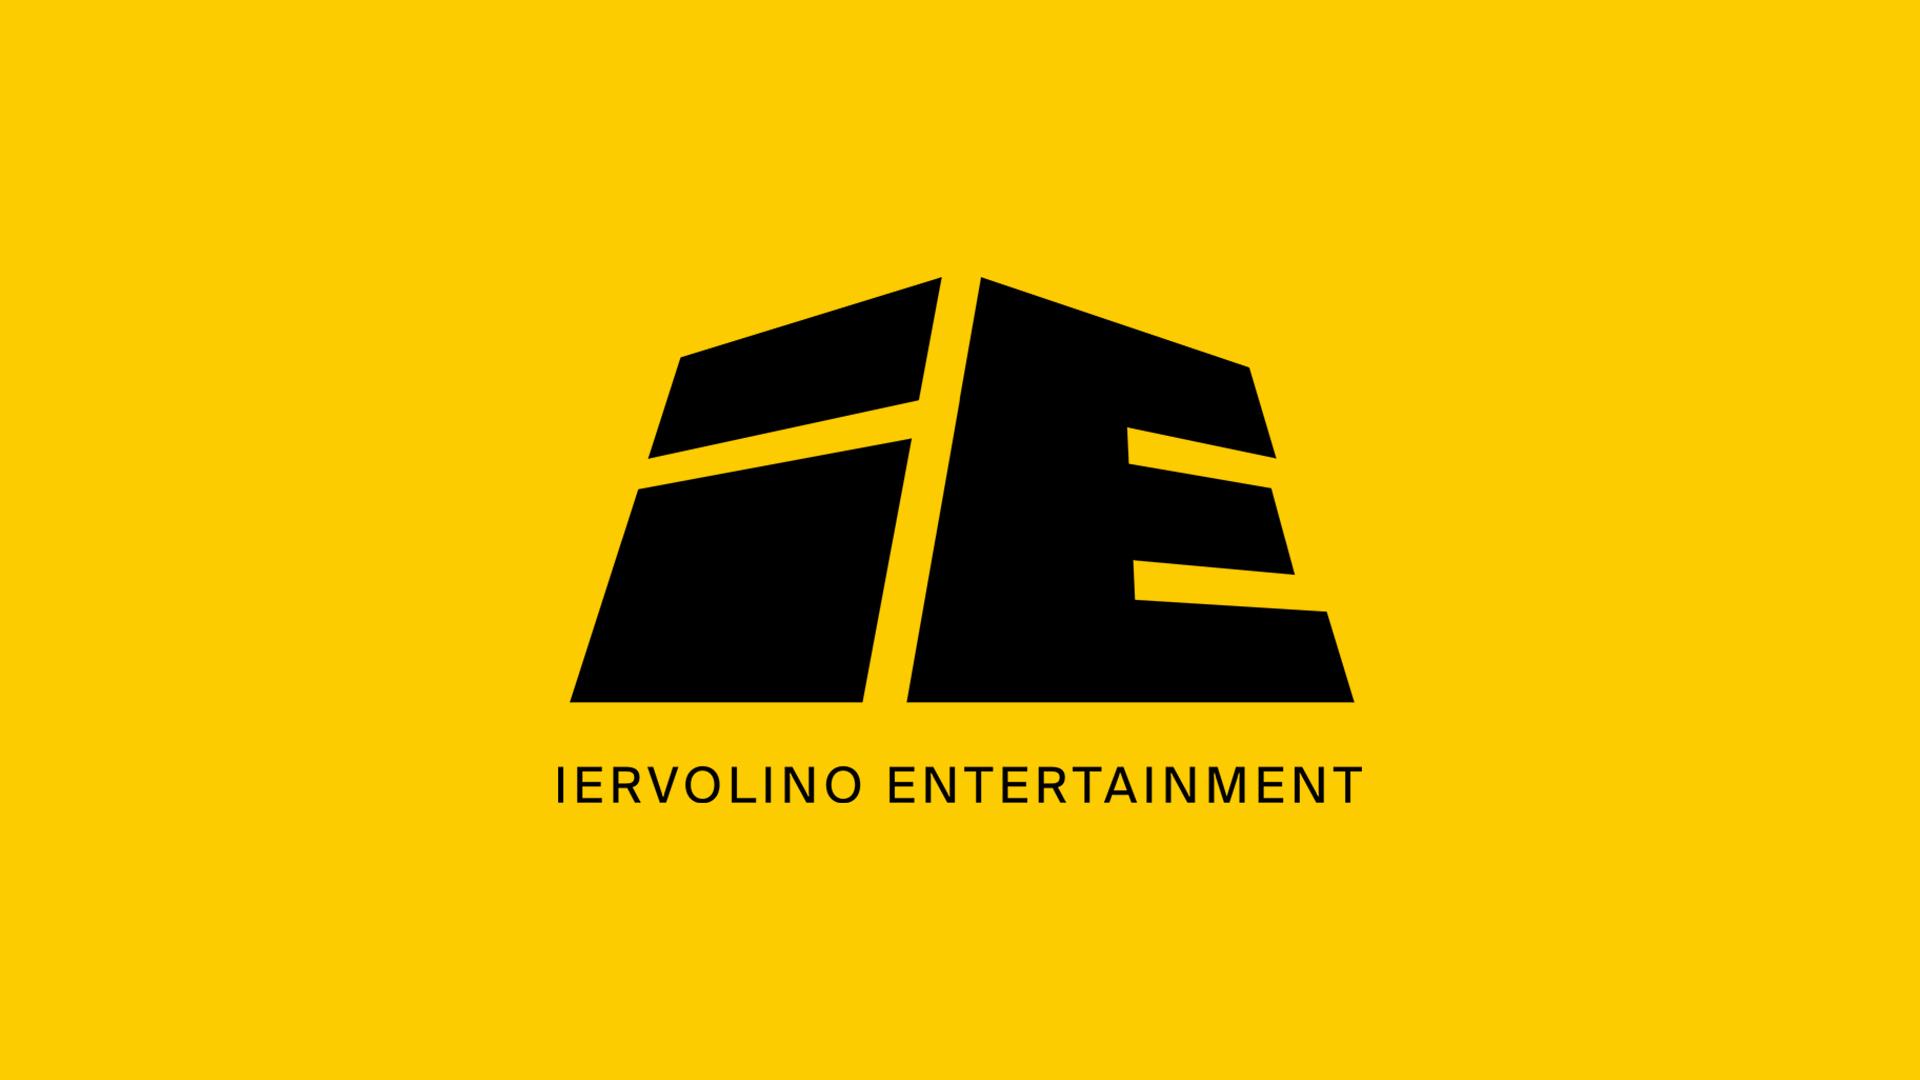 iervolino entertainment cinematown.it